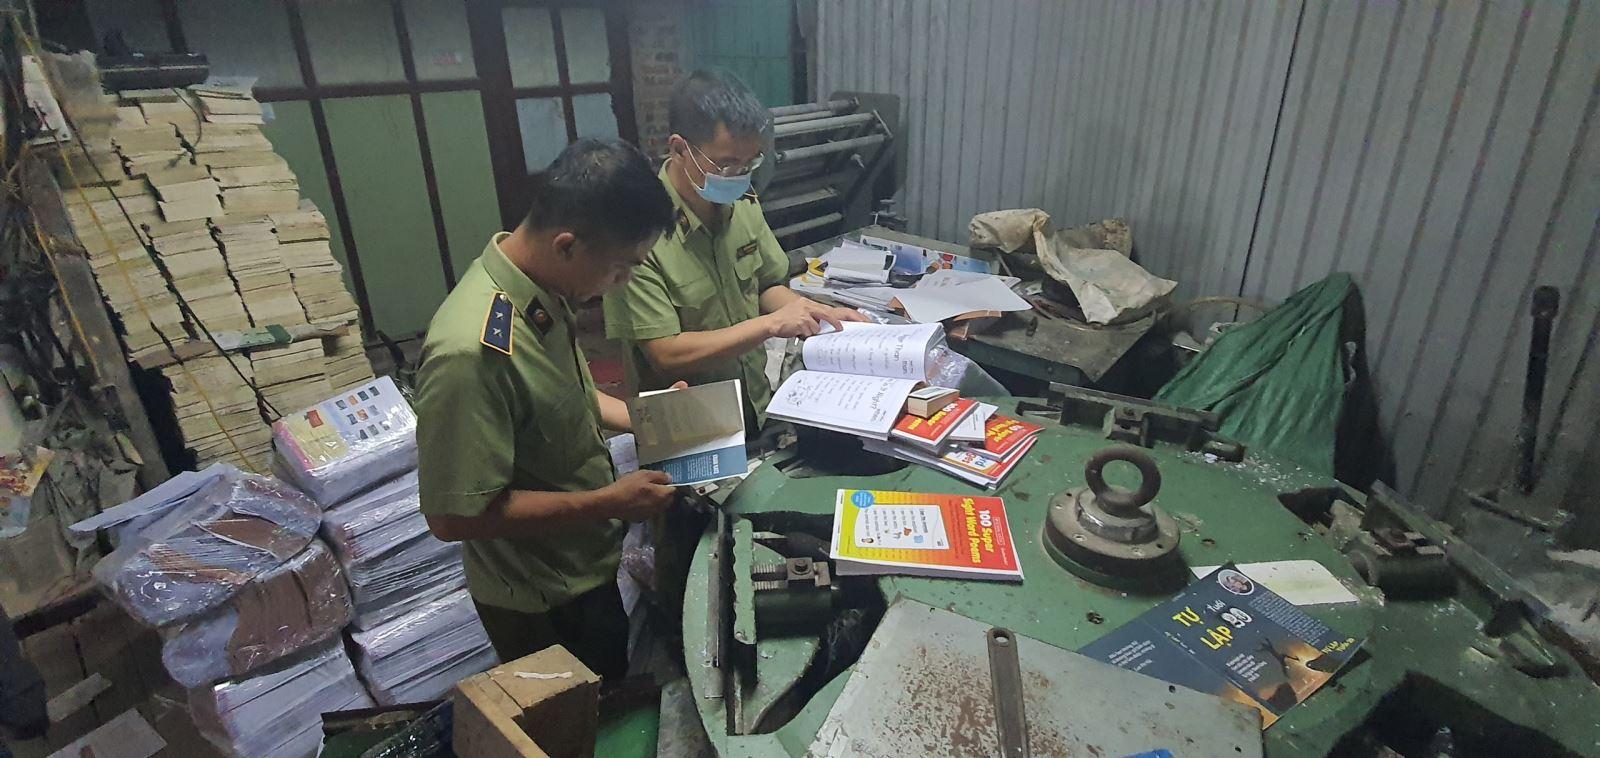 Lực lượng QLTT kiểm tra số sách in lậu. Ảnh: QL.